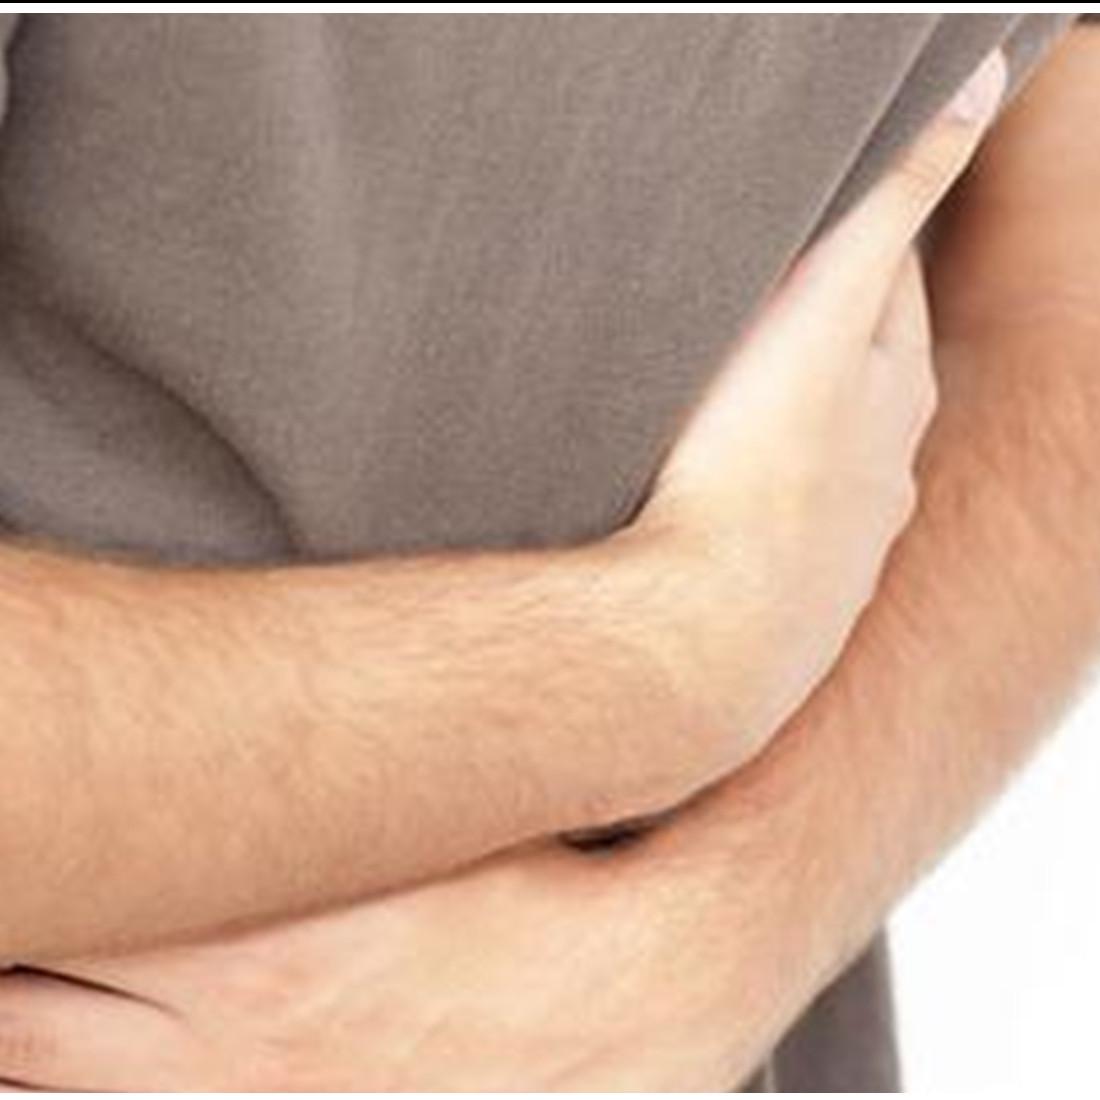 Penelitian sebut masalah pencernaan bisa jadi gejala corona